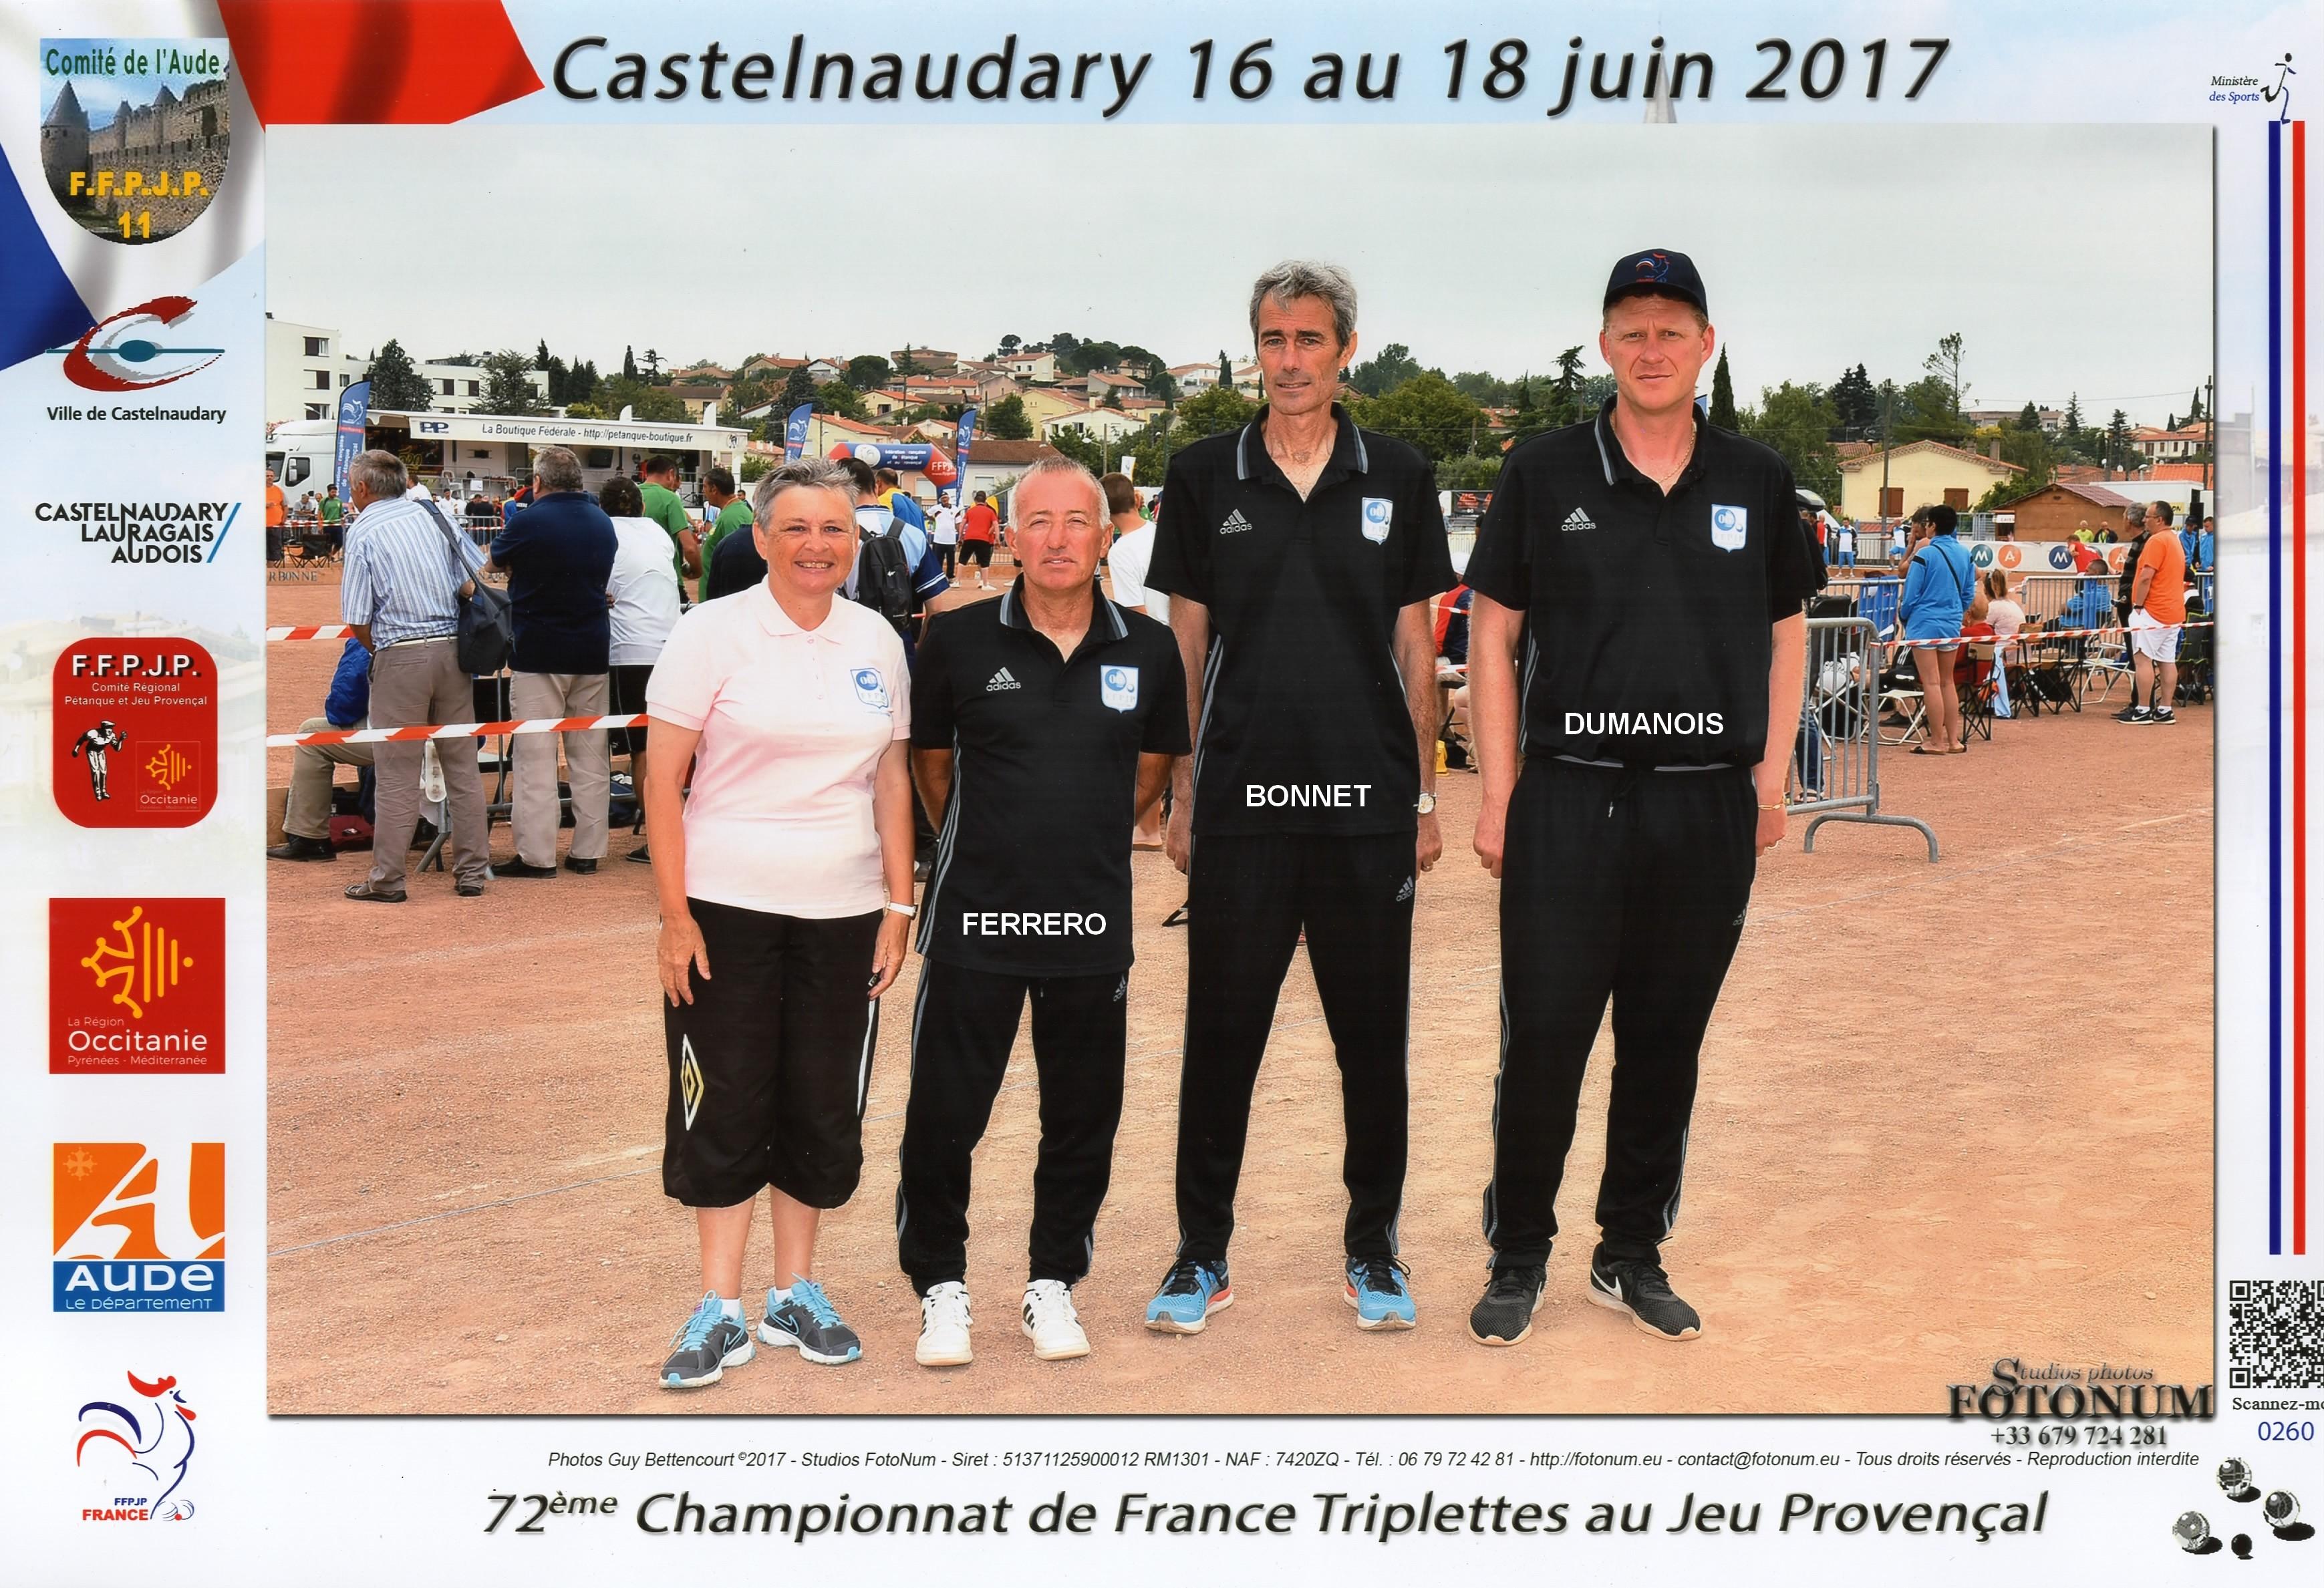 3ème France triplettes au Jeu Provençal à CASTELNAUDARY perdu en 1/32ème contre STIEVENART-SERRANO-DOMENGE du 13